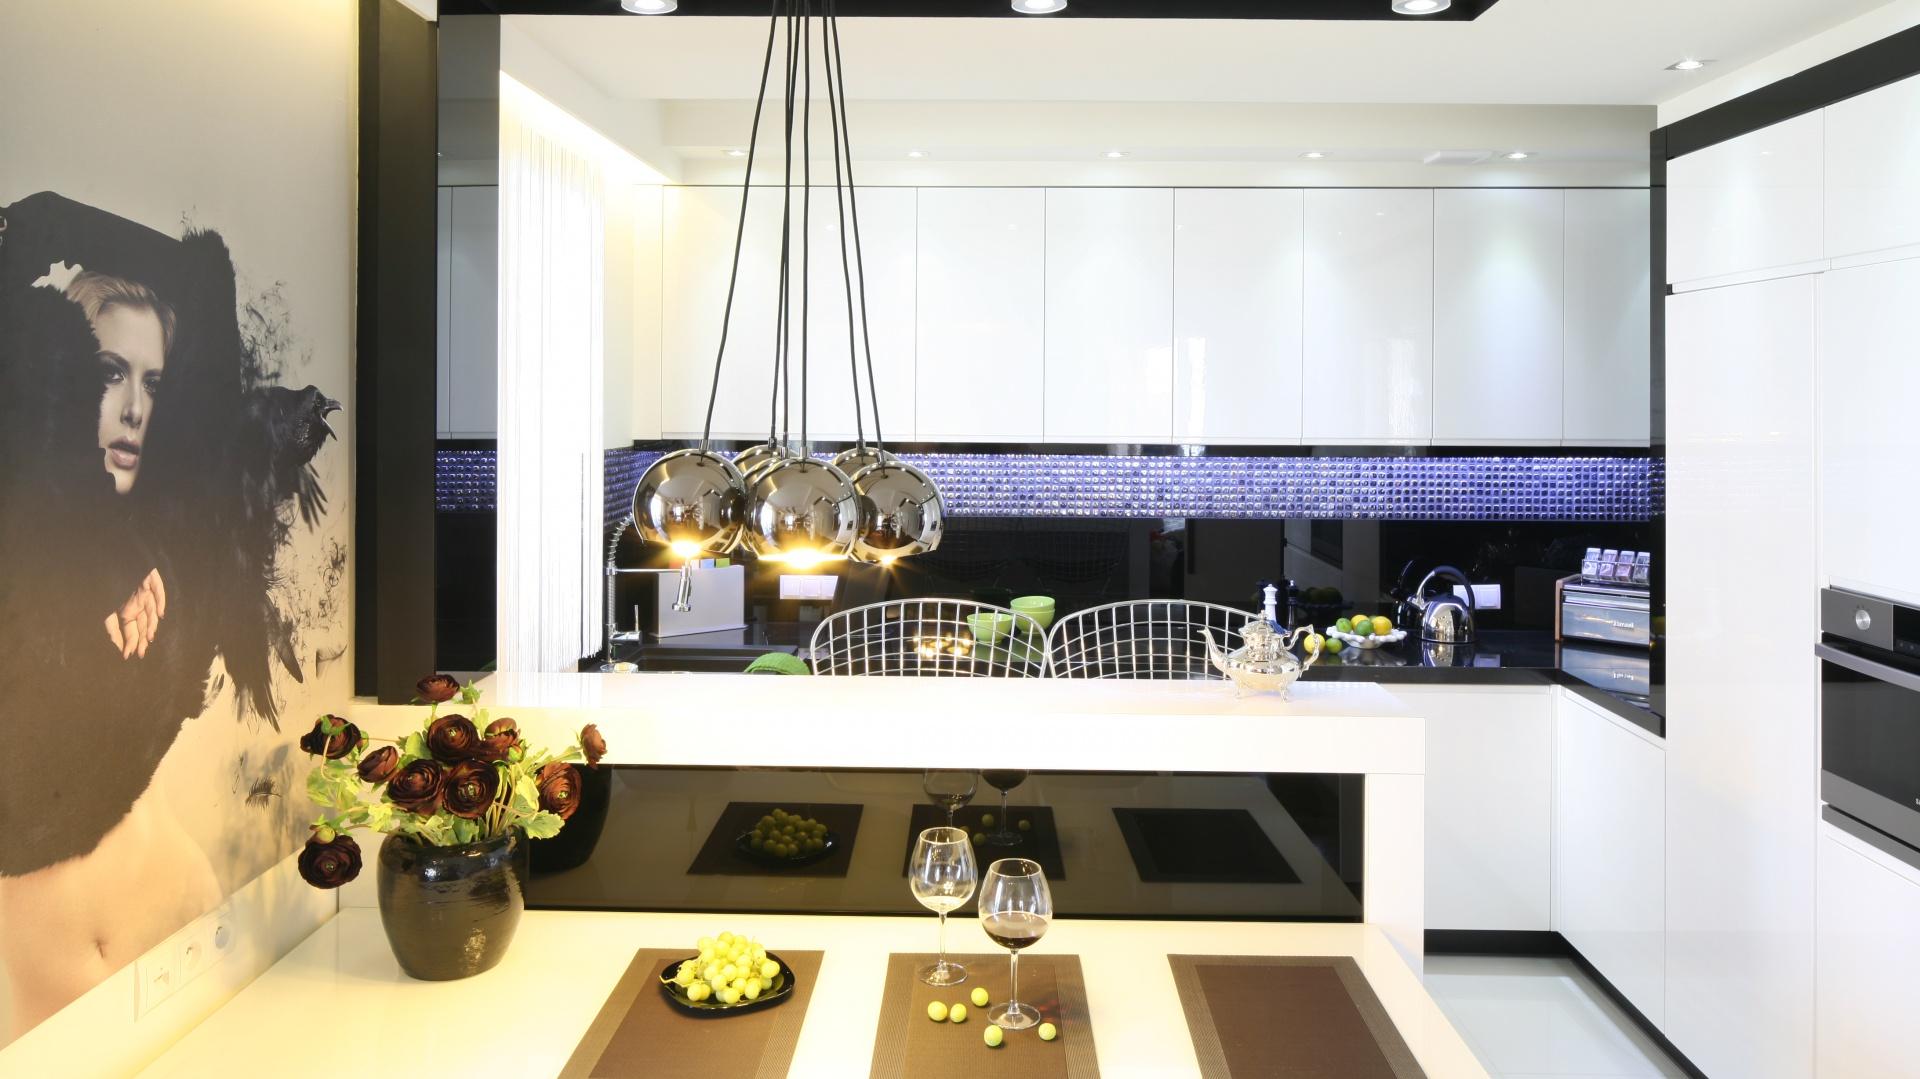 Kuchnia W Stylu Glamour Inspiracje Z Polskich Domów